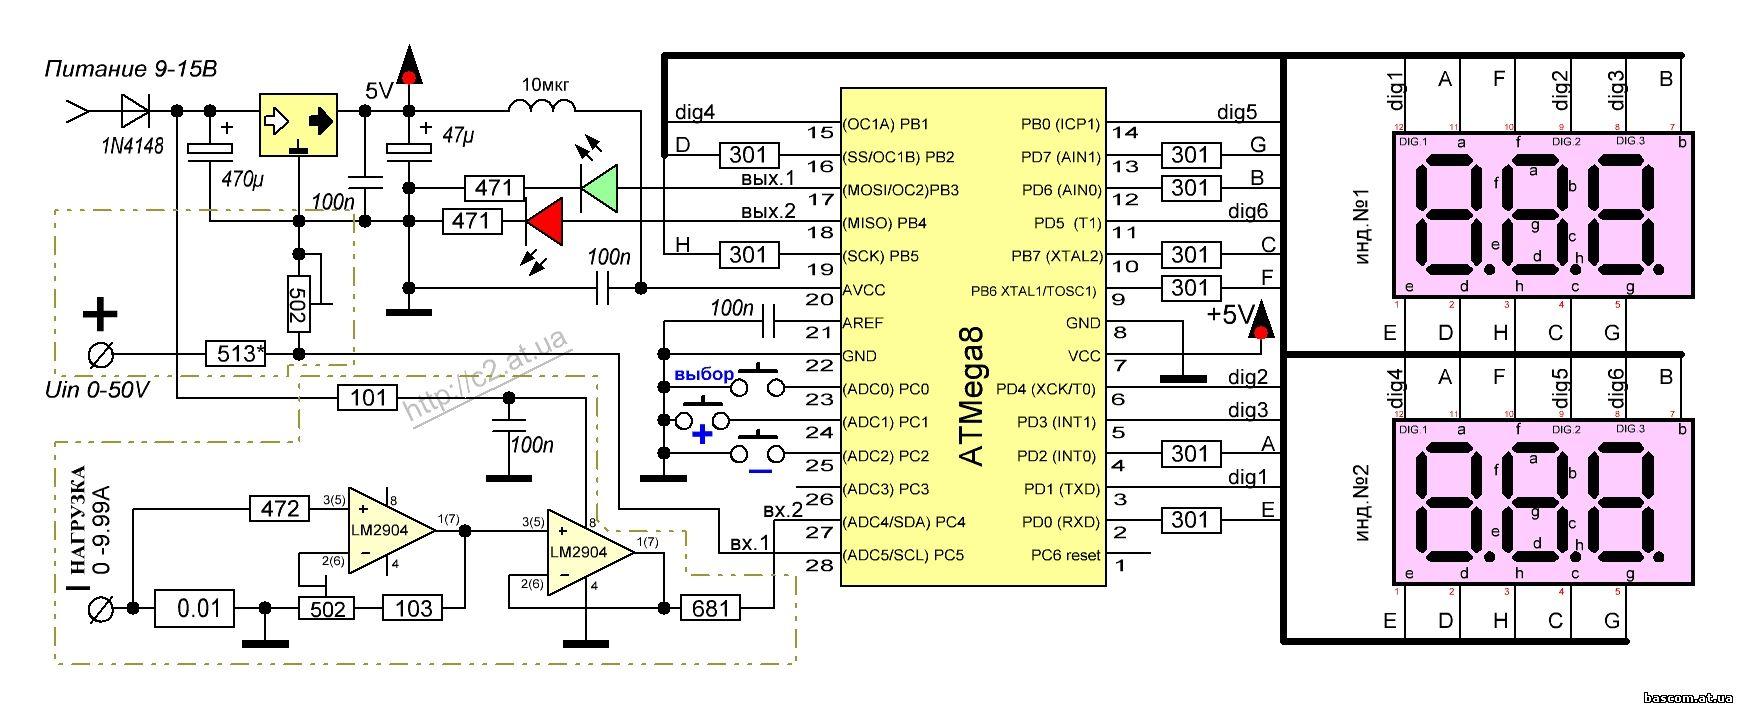 Схемы на микроконтроллерах и светодиодных индикаторах.